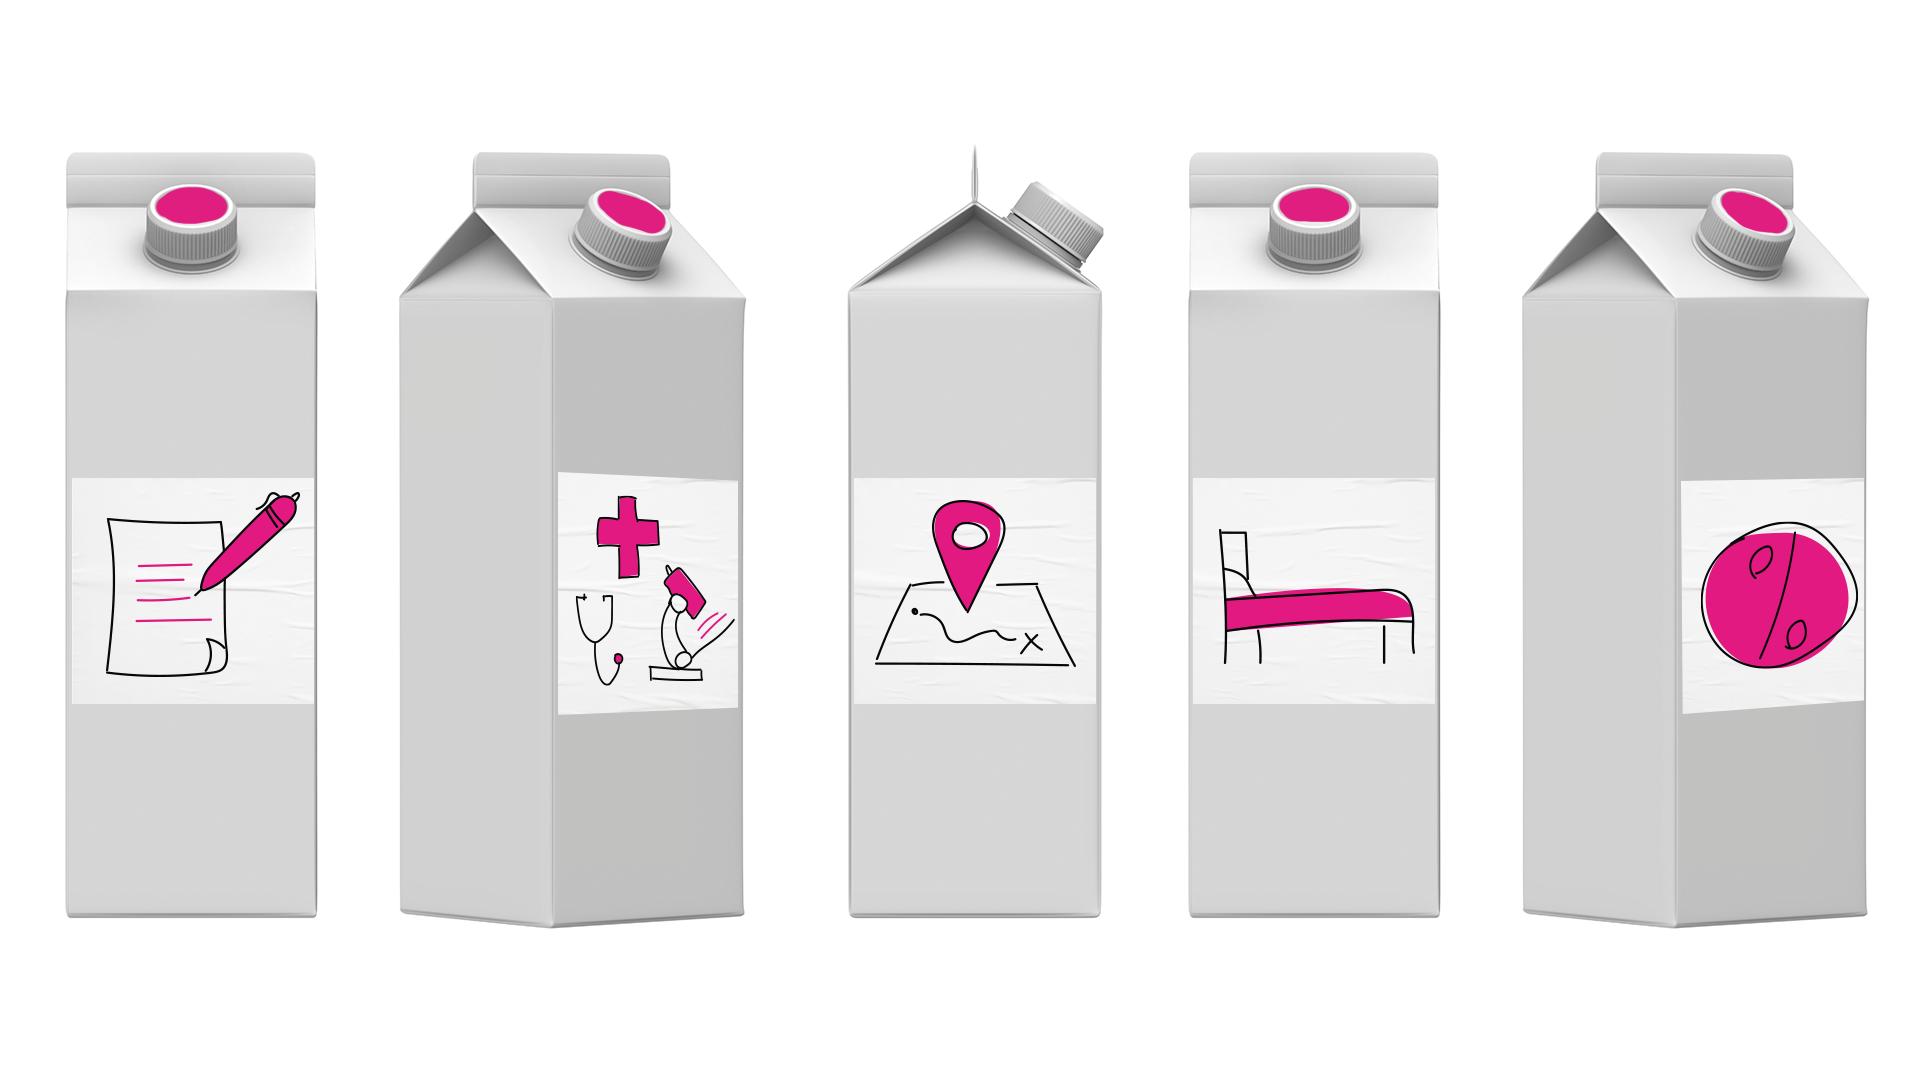 ilustrações de embalagem de leito com rótulos